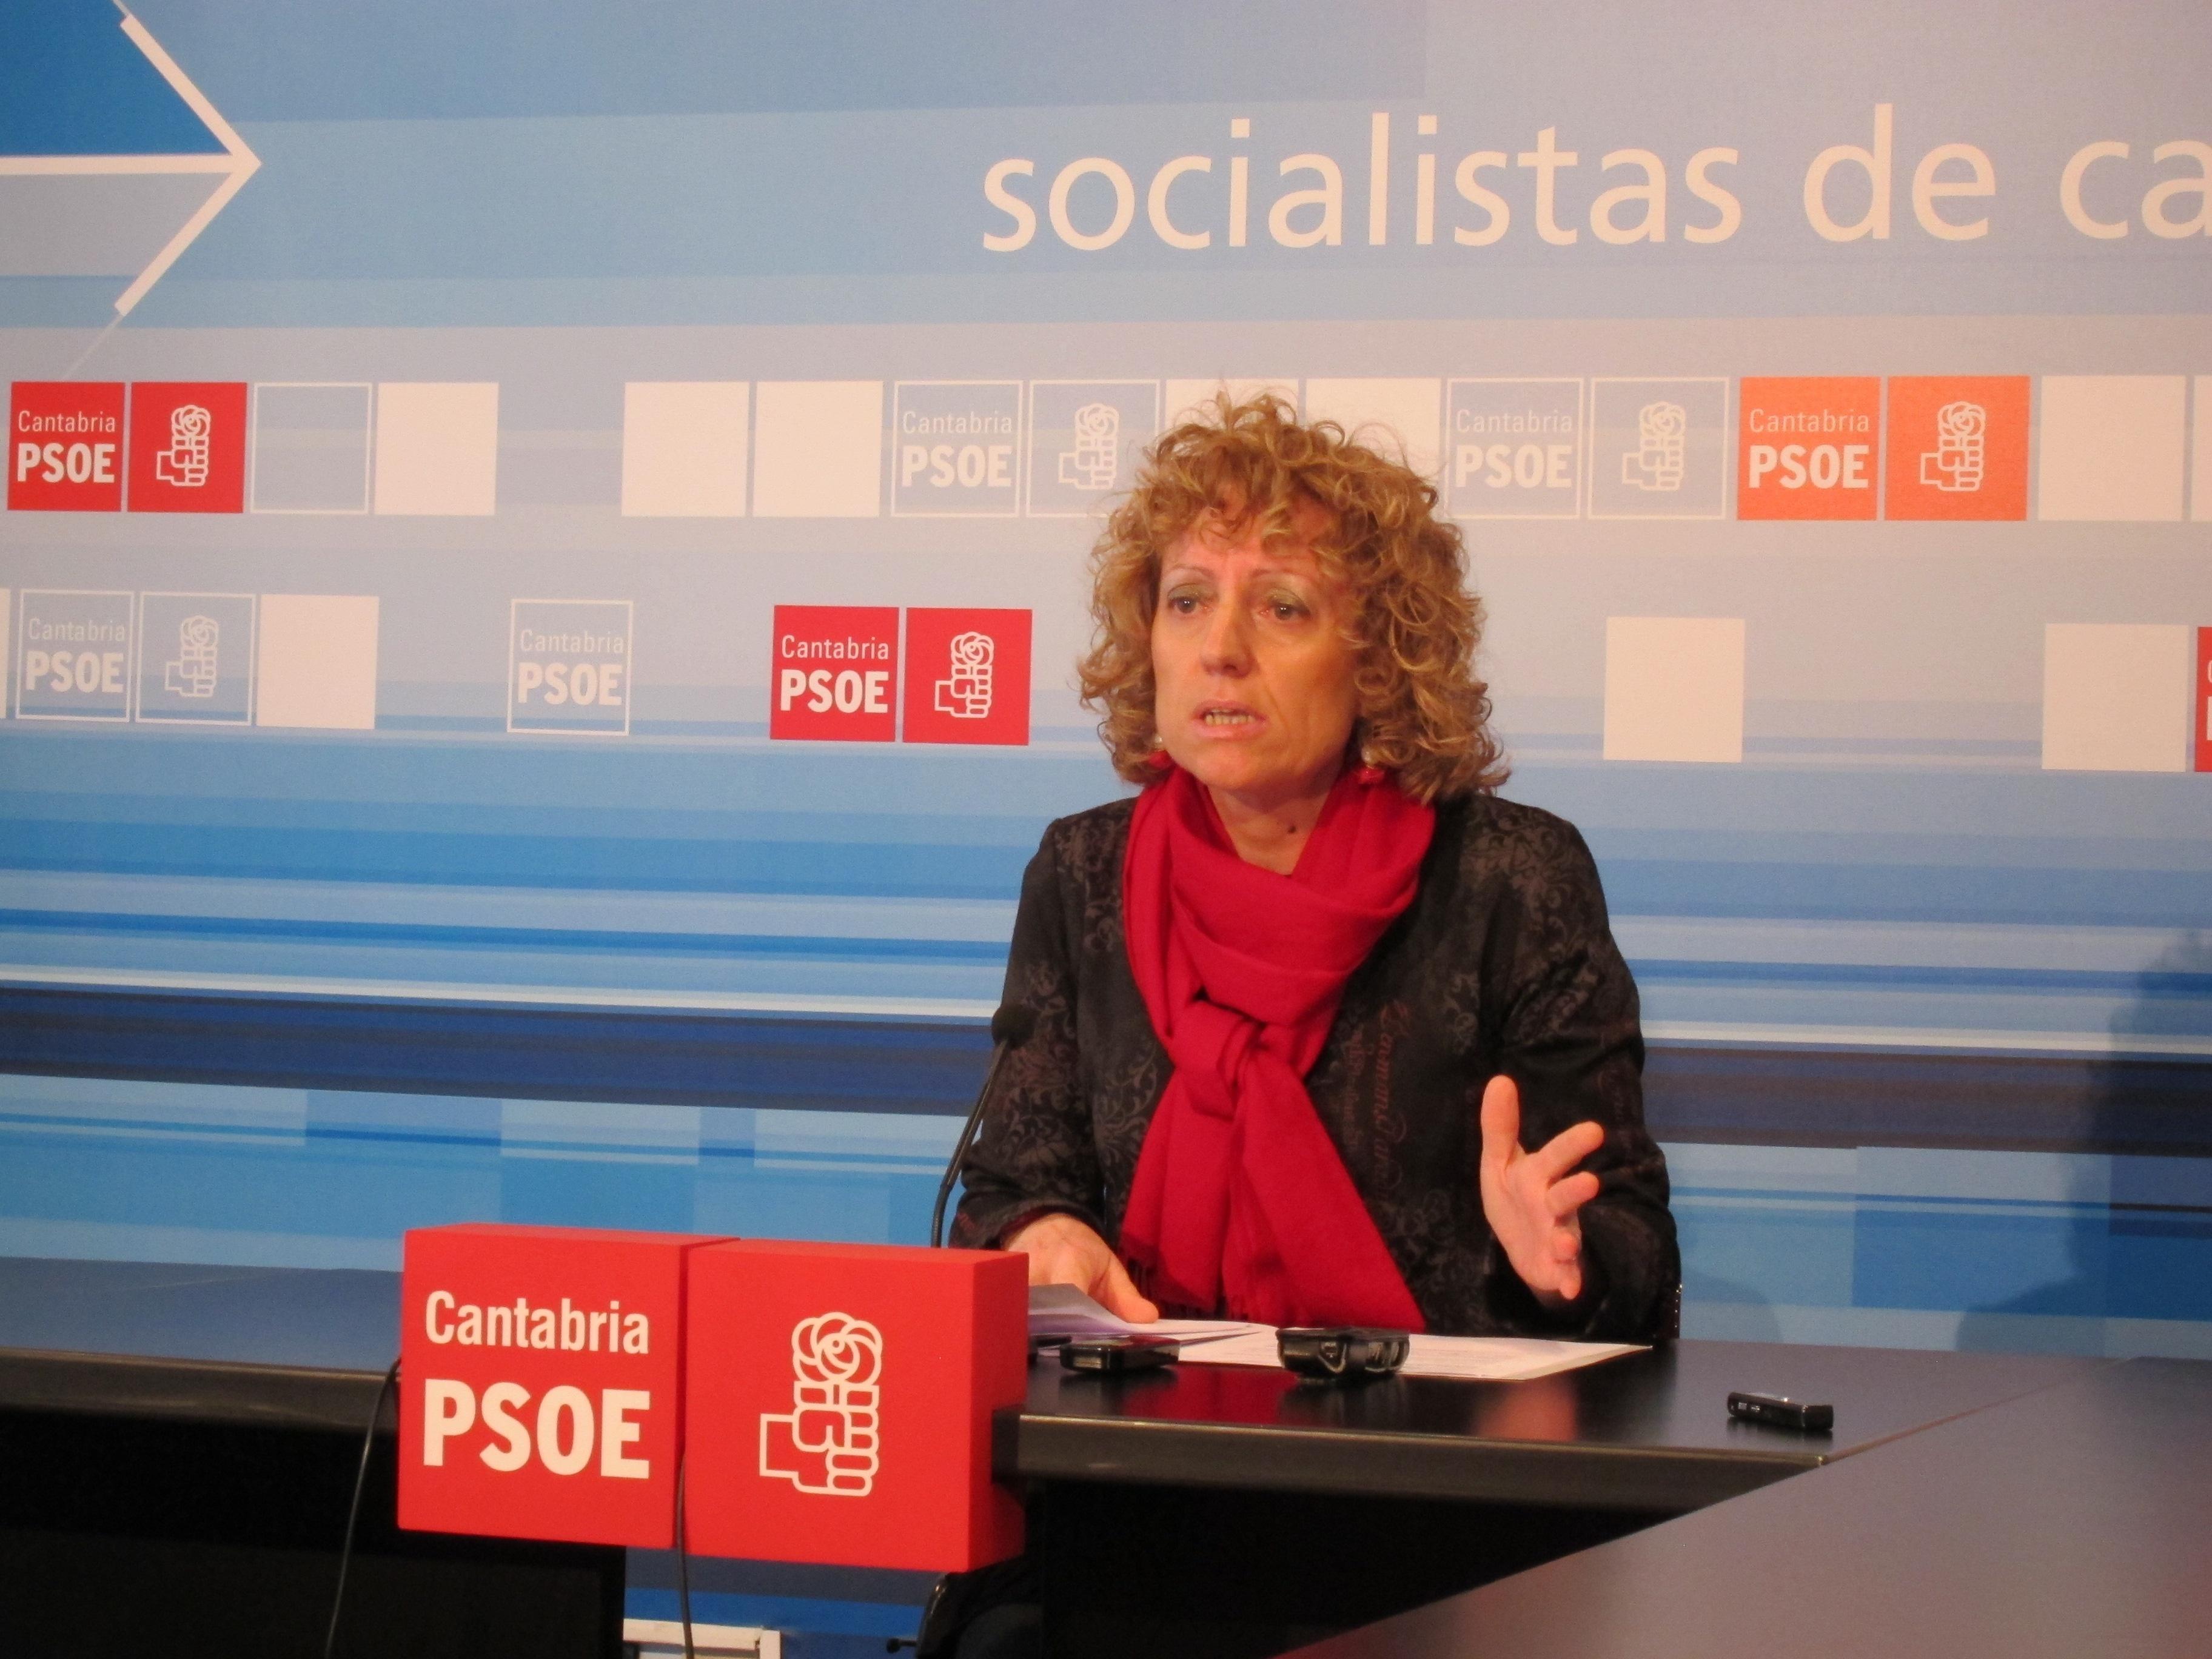 PSOE pide una acción urgente de los Gobiernos central y regional para salvar los 364 puestos de trabajo de Sniace